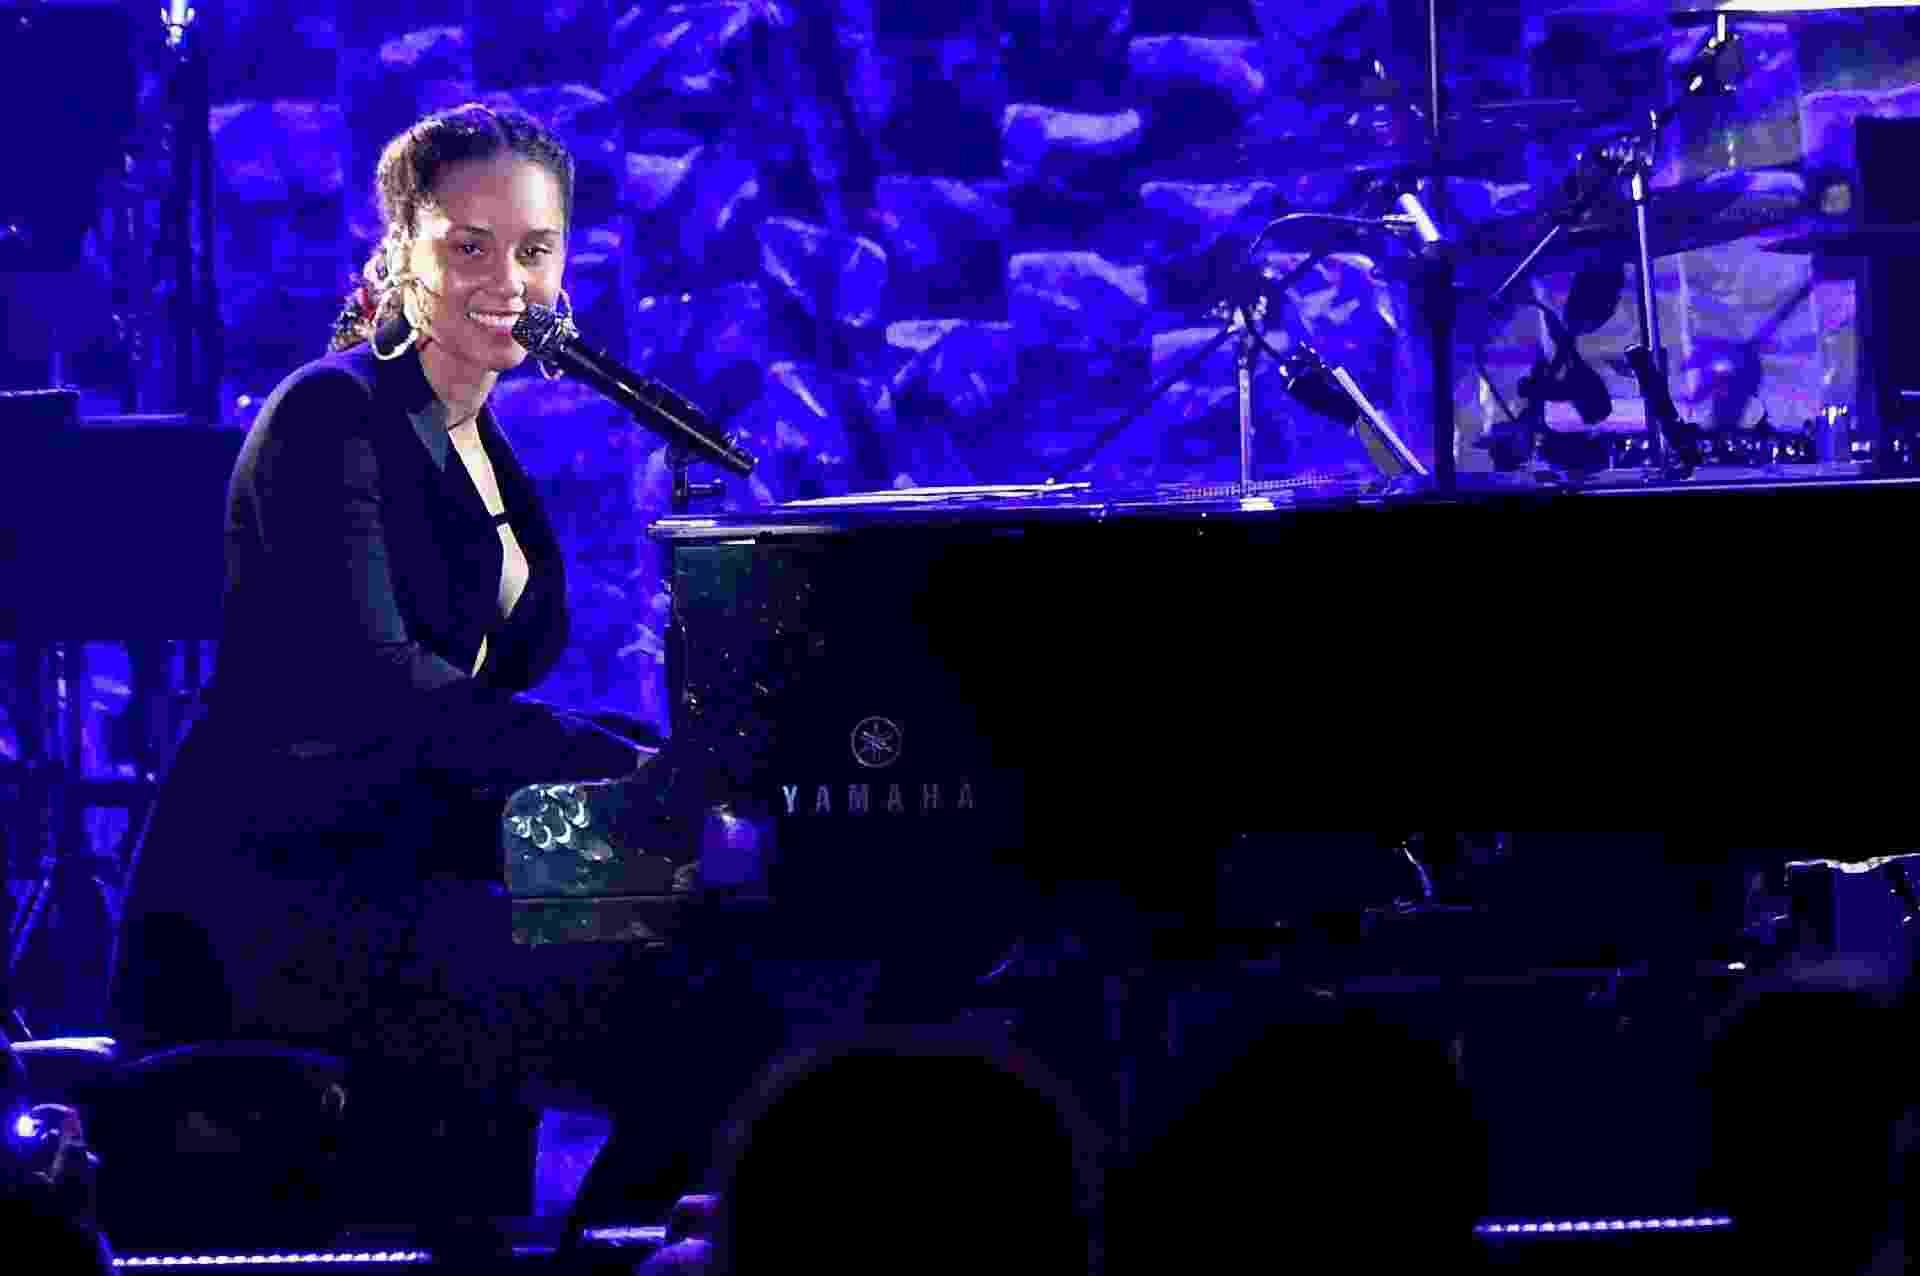 Alicia Keys se apresenta no evento de gala pré-Grammy 2018 em Nova York - Getty Images